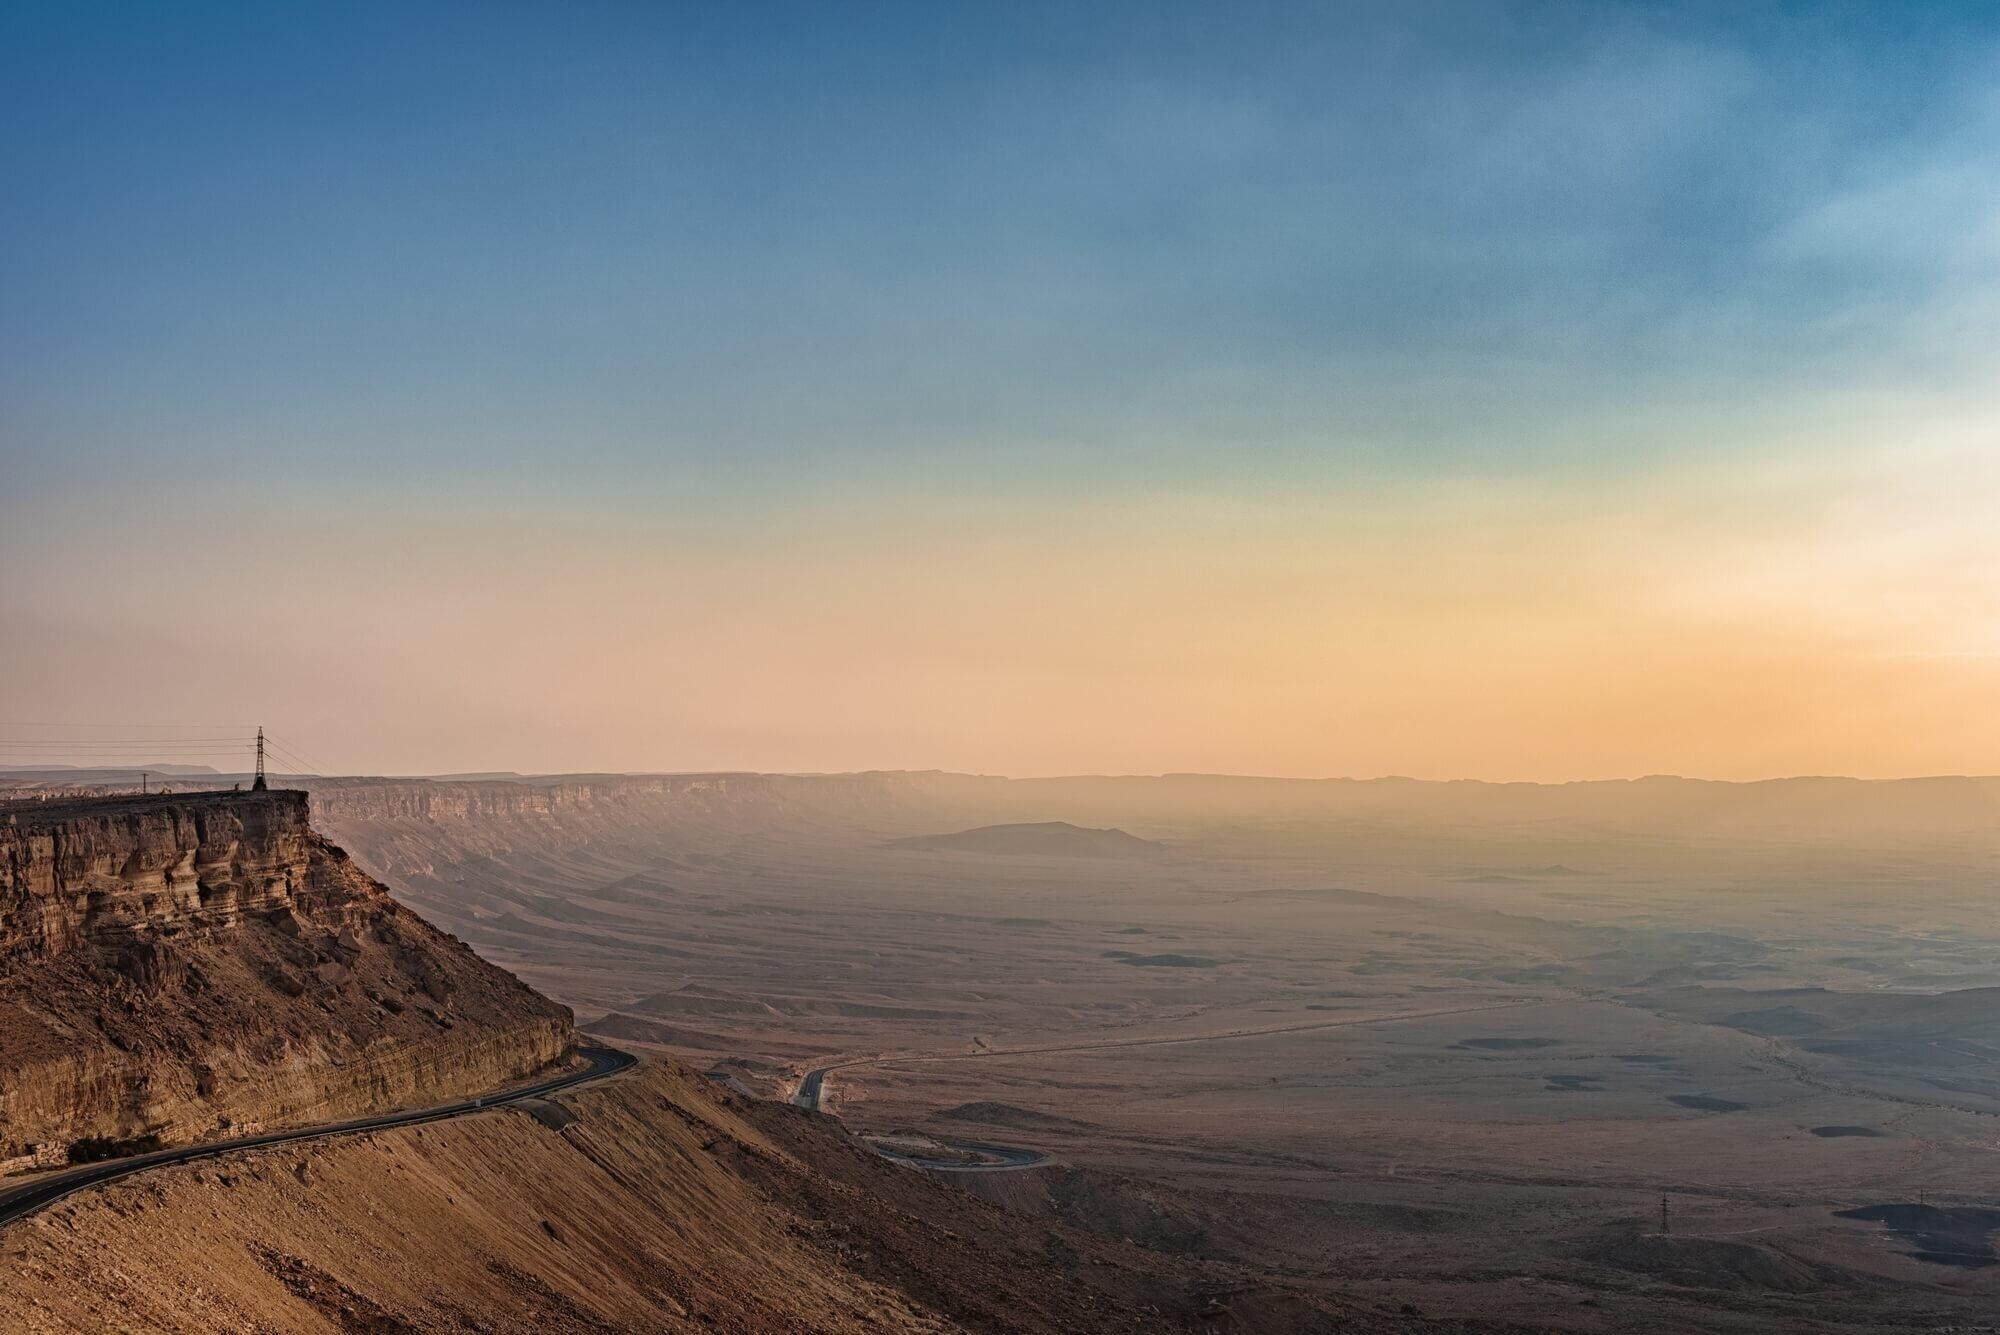 מכתש רמון, ישראל - ramon crater, Israel